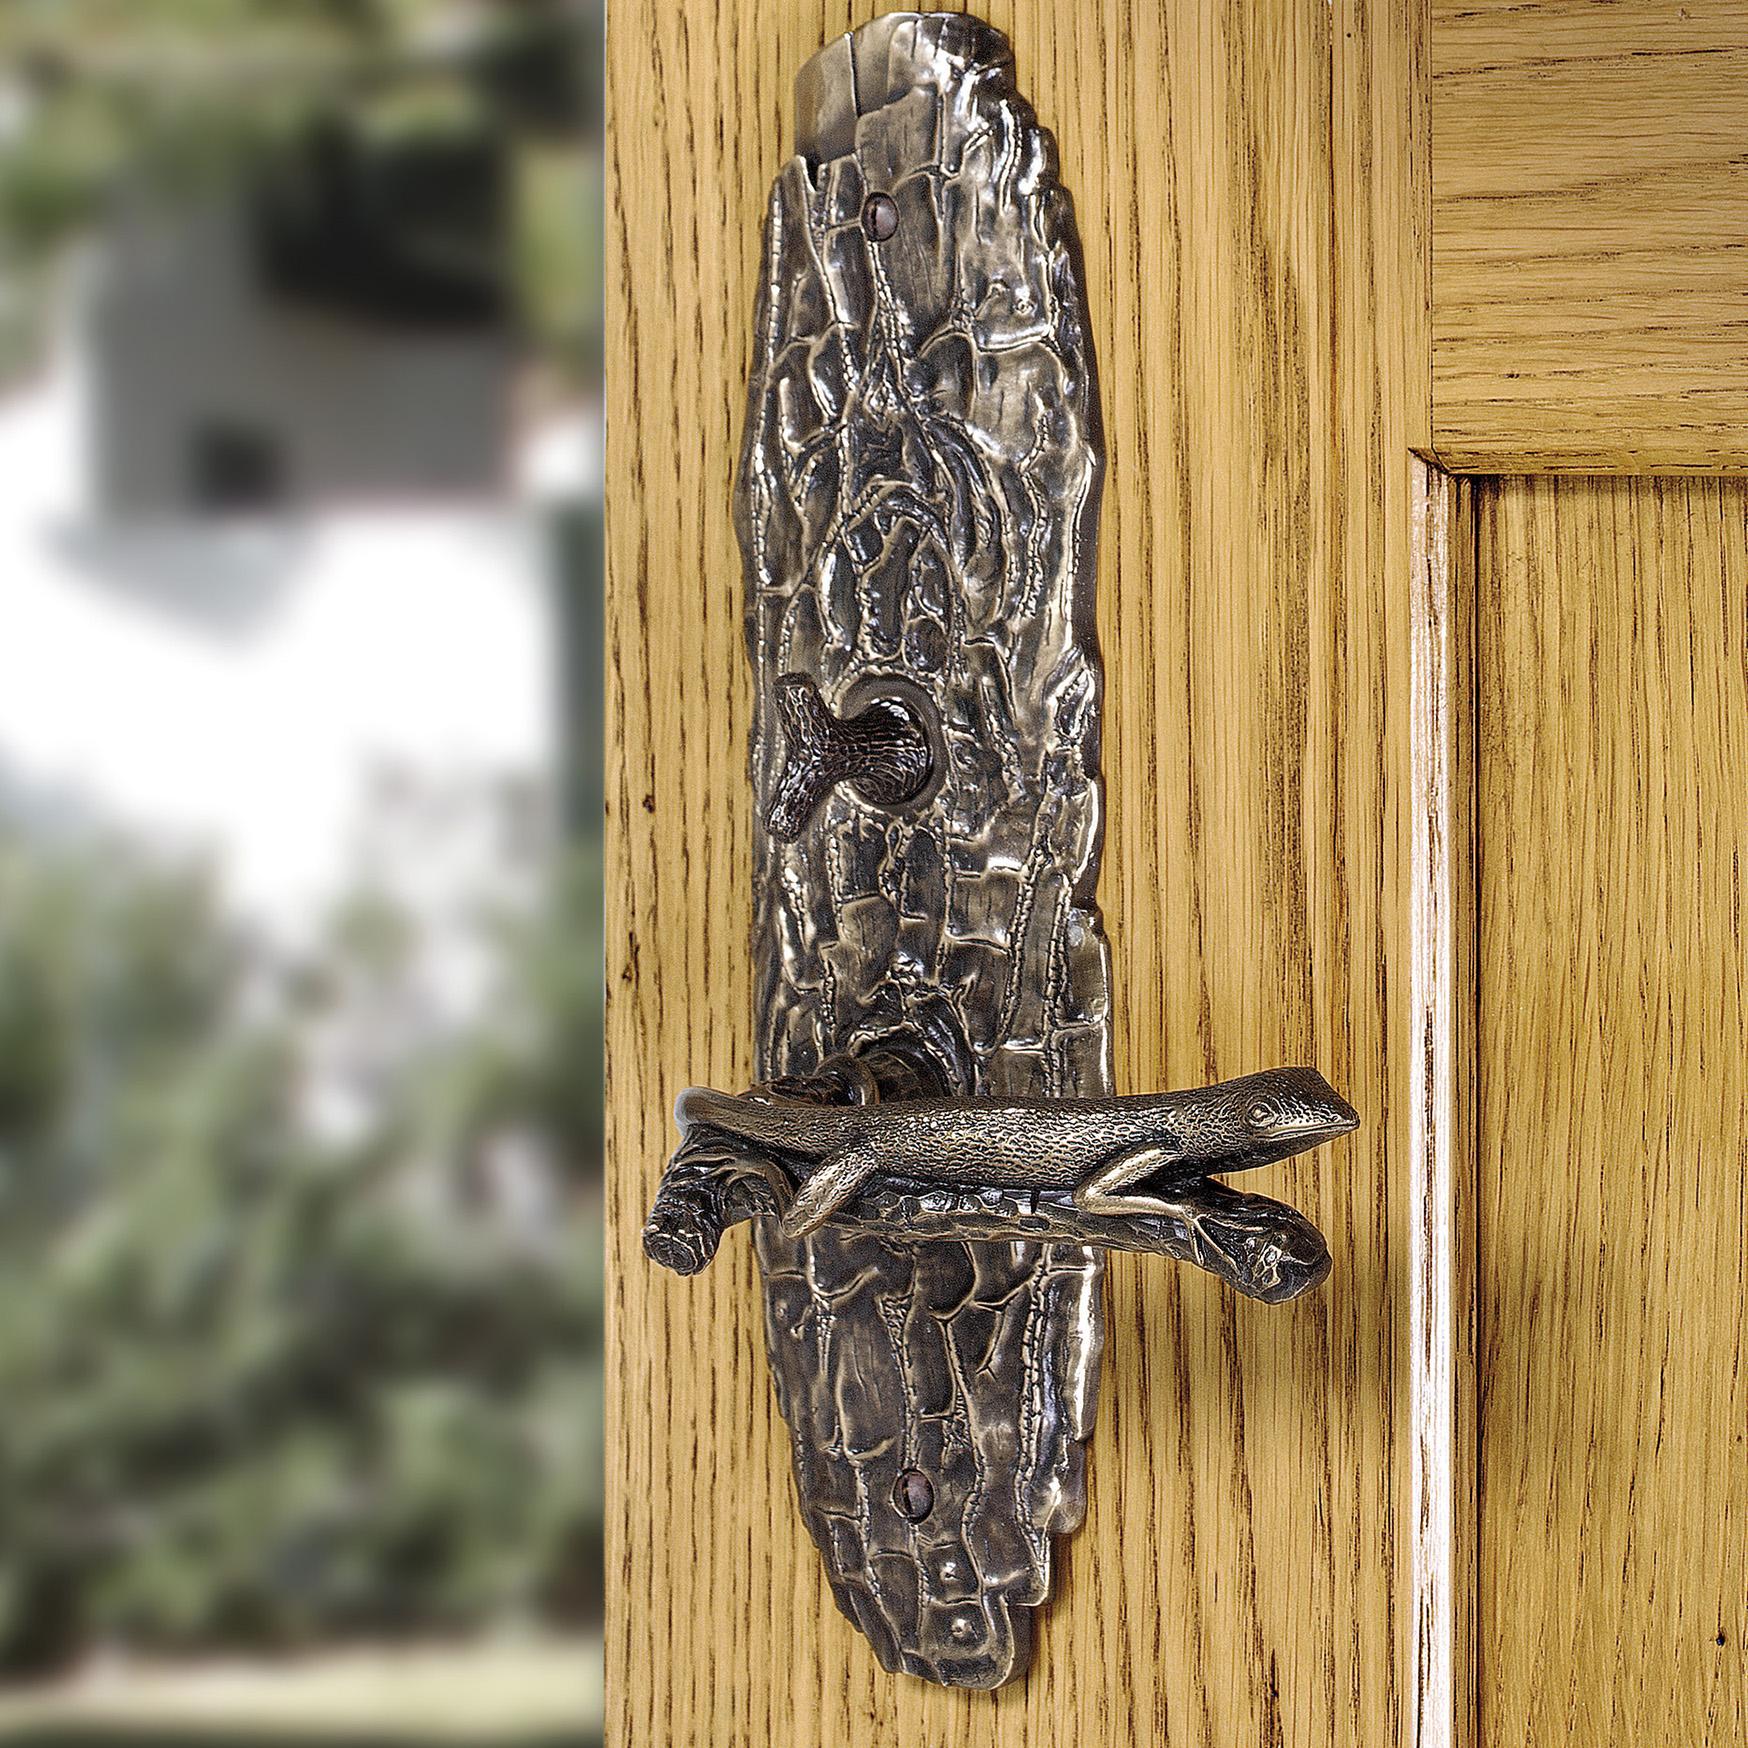 Martin Pierce\'s Custom Door Handles Shown in New Video Release